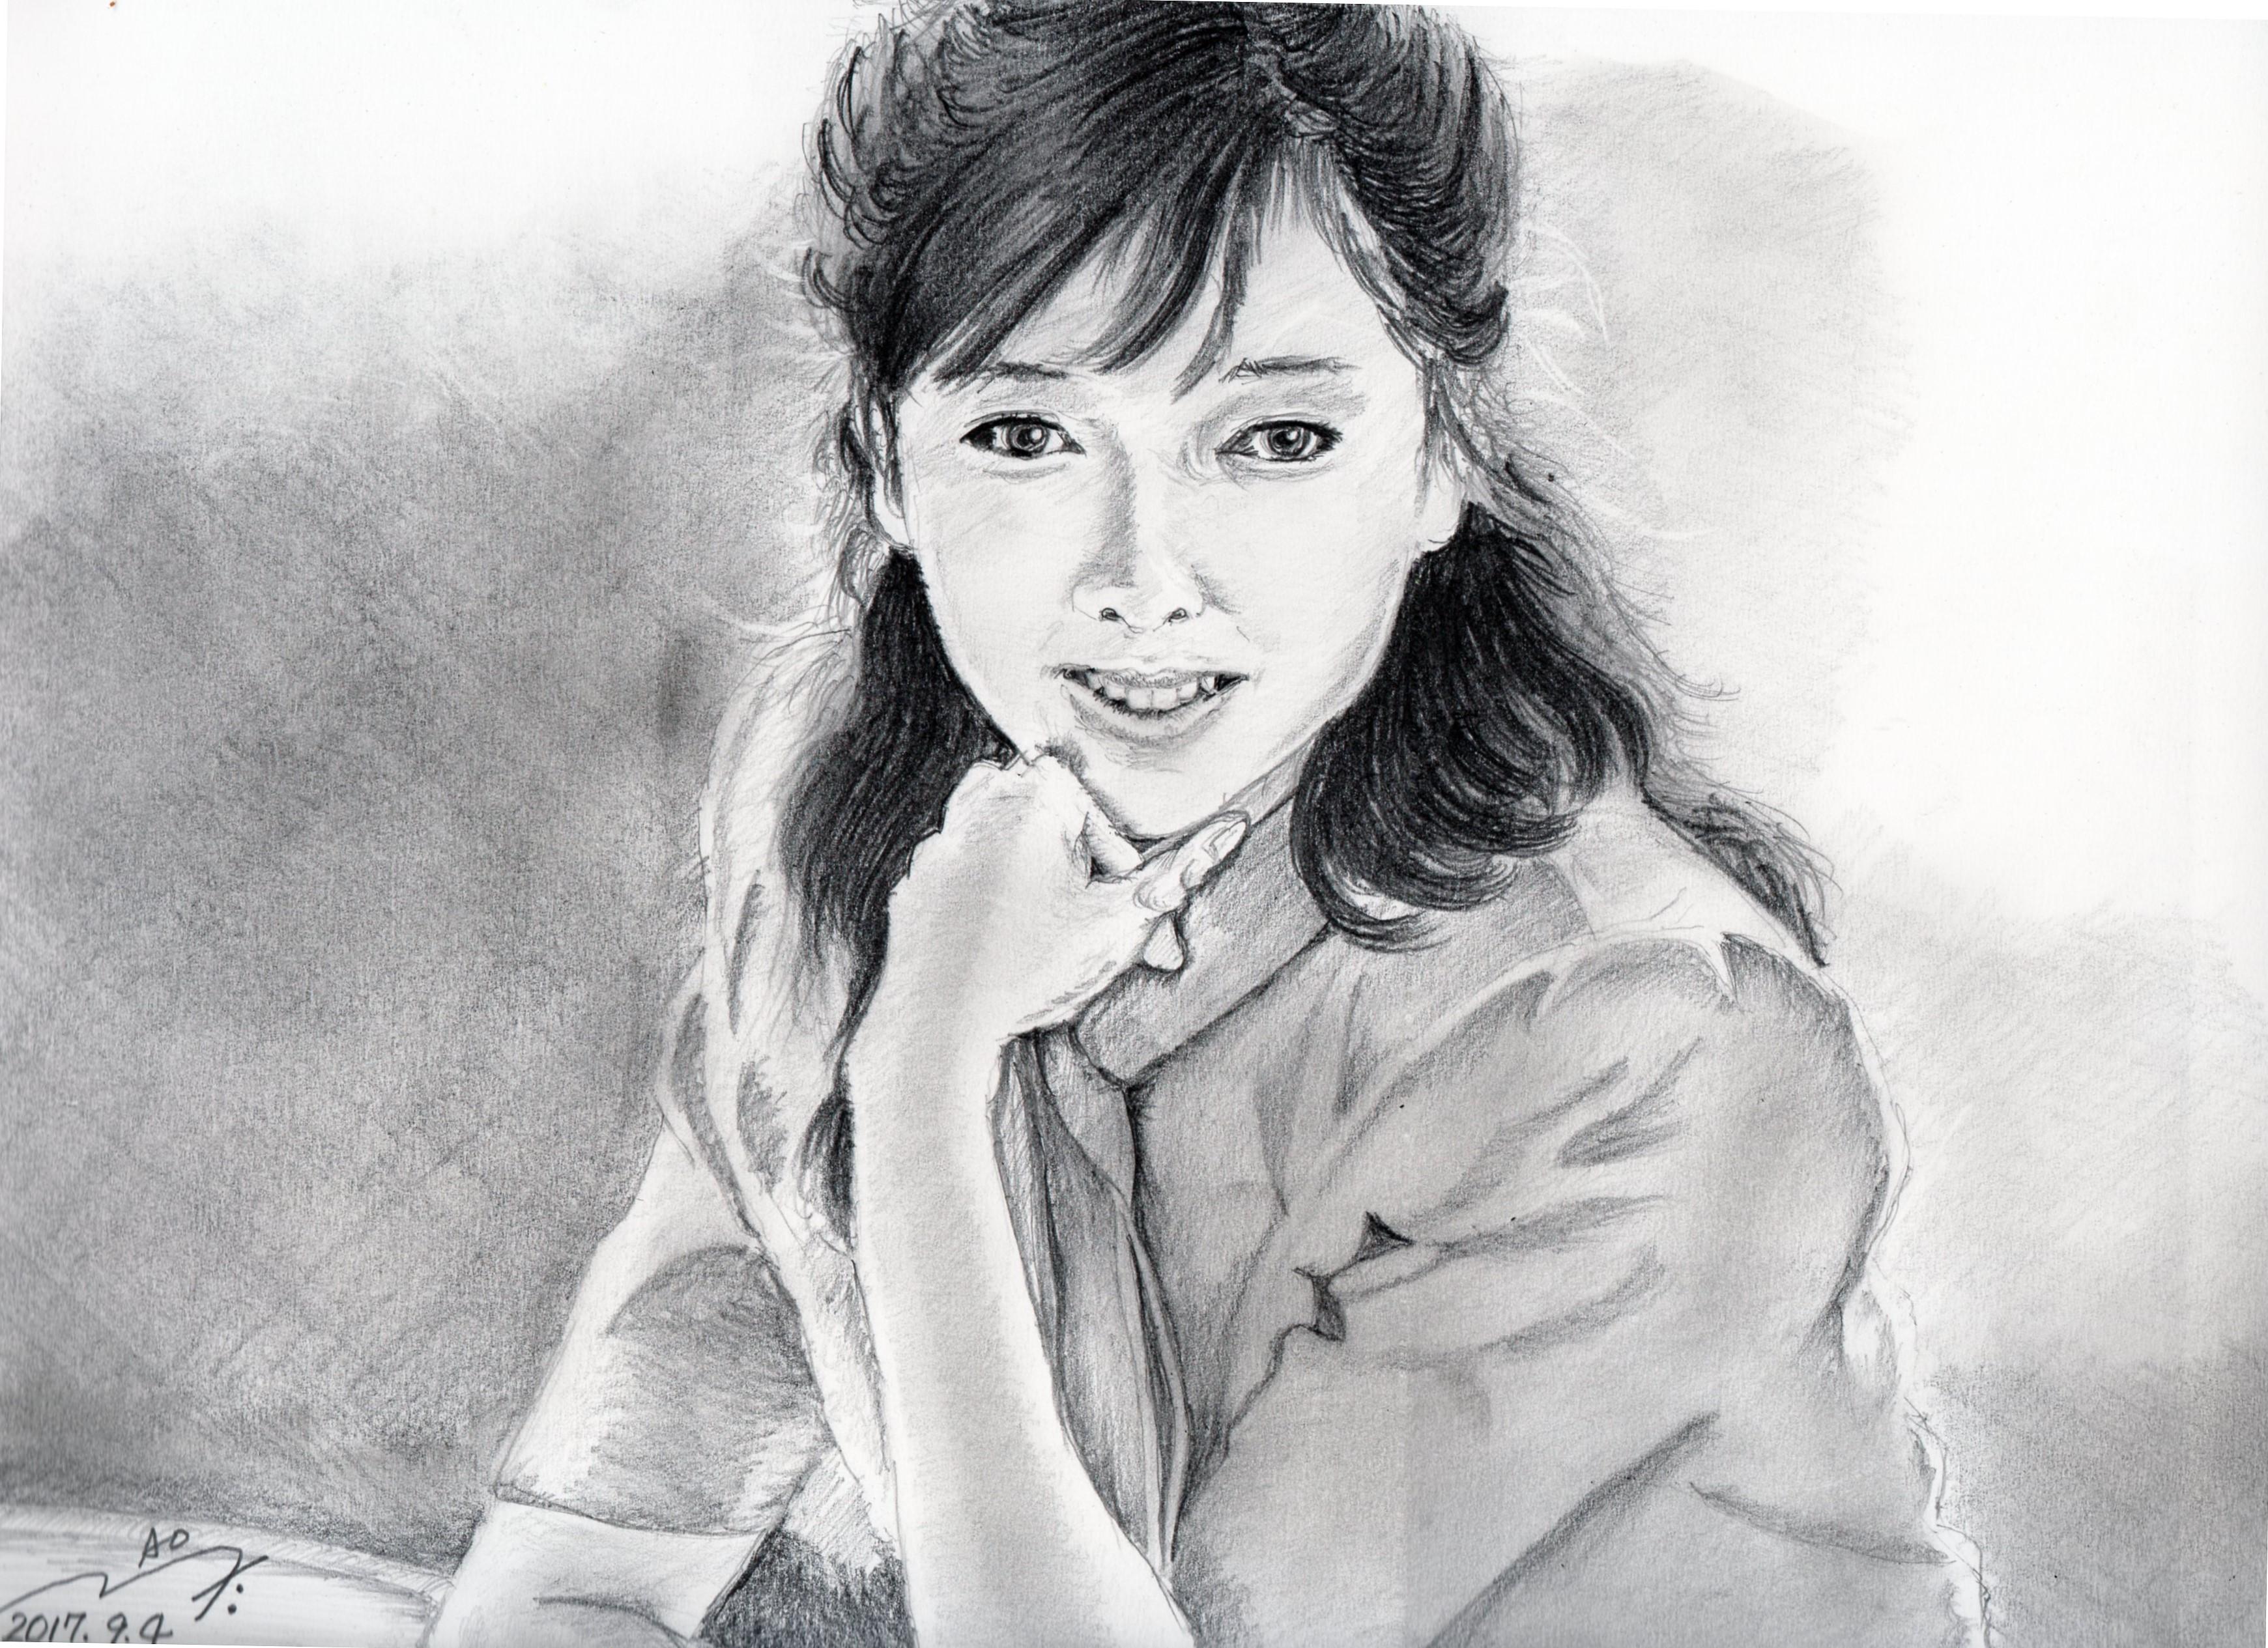 夏目雅子さんの鉛筆画似顔絵